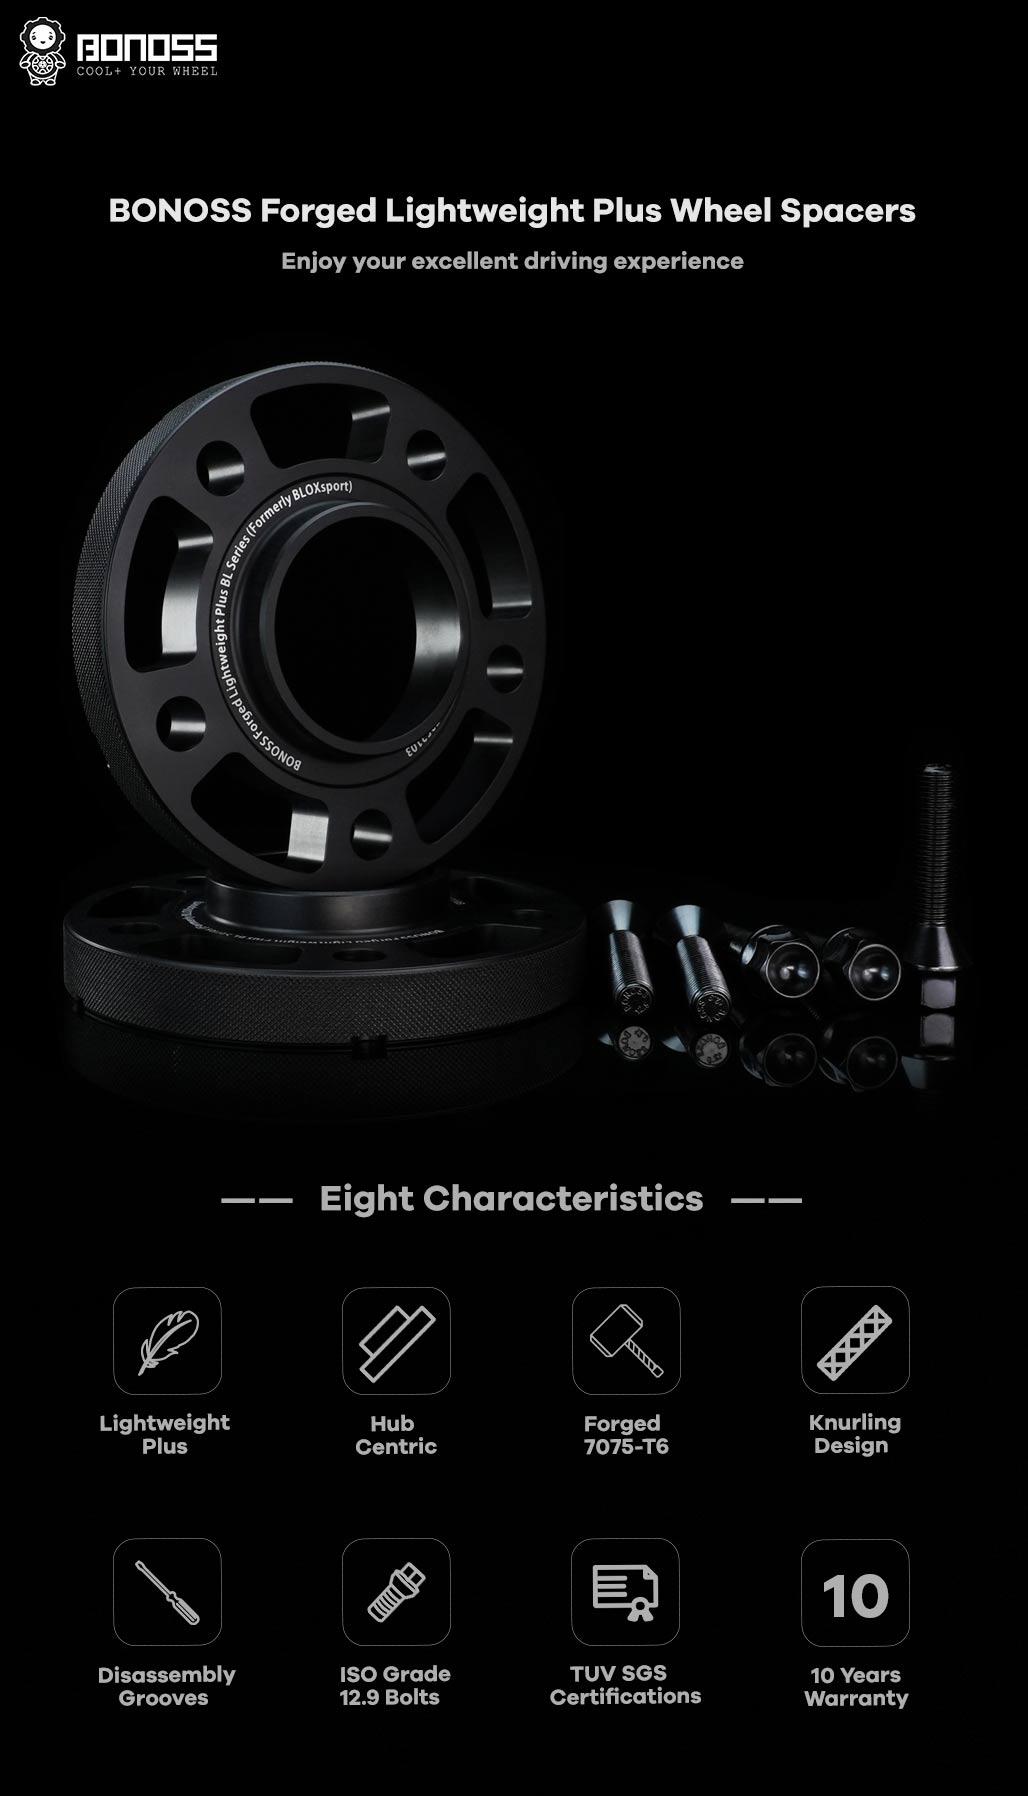 AL7075-T6-BONOSS-forged-lightweight-plus-wheel-spacers-M12x1.5-by-lulu-1